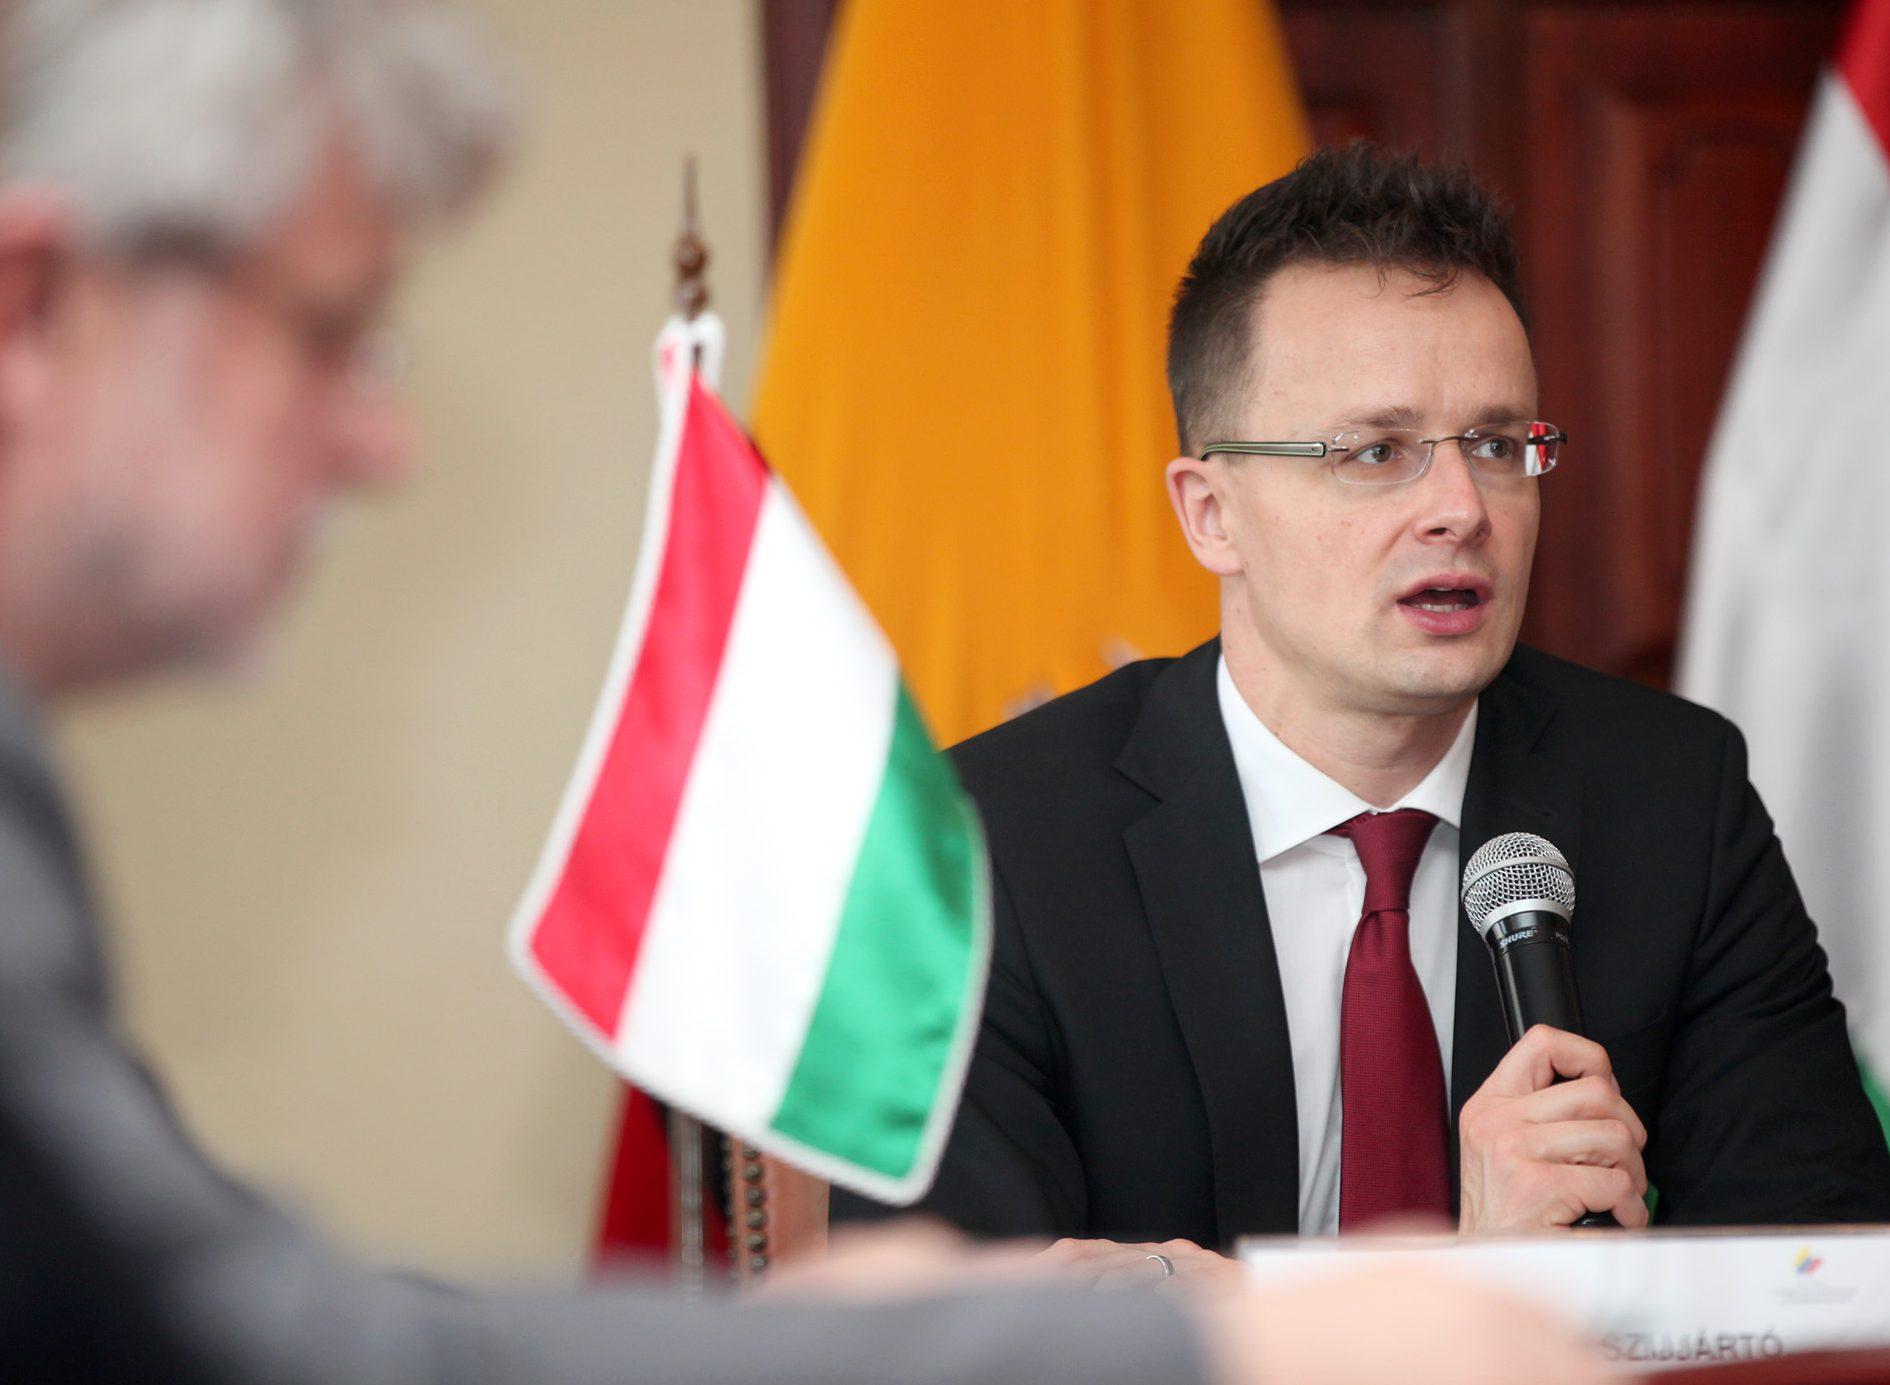 Венгрия продолжит блокировать сближение Украины с НАТО, – Сийярто